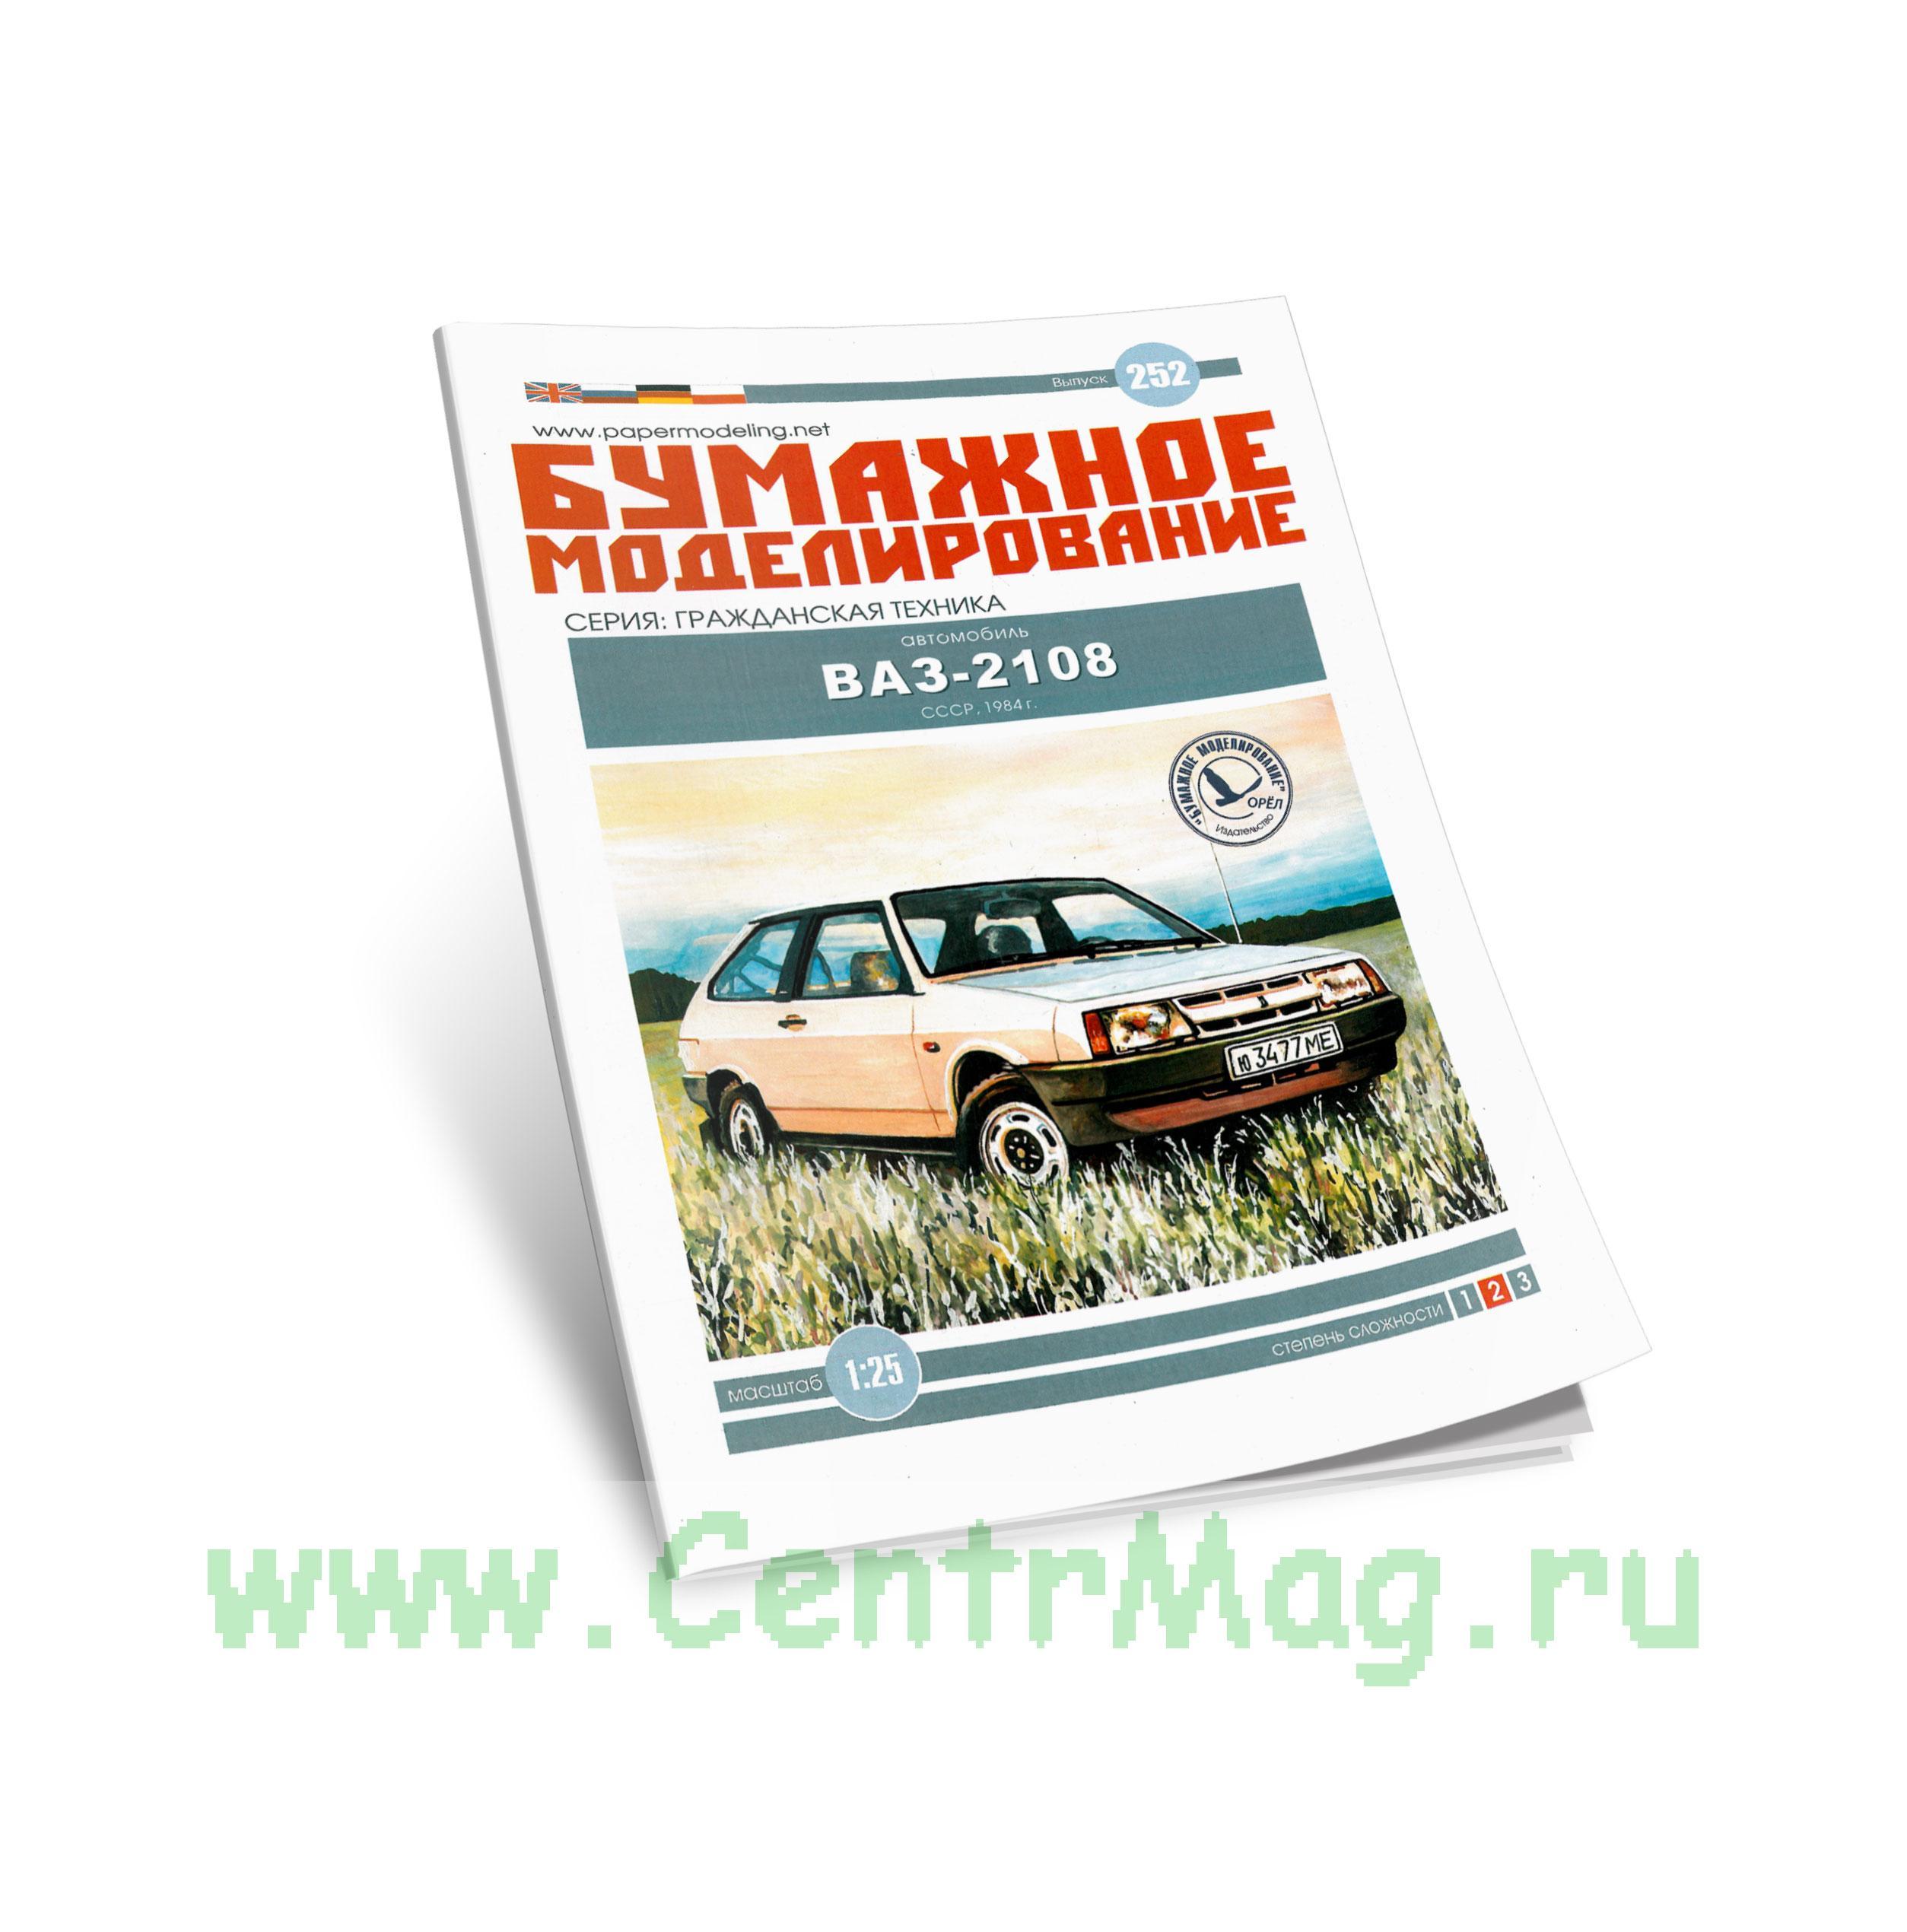 Автомобиль ВАЗ-2108. СССР, 1984 г. Бумажное моделирование